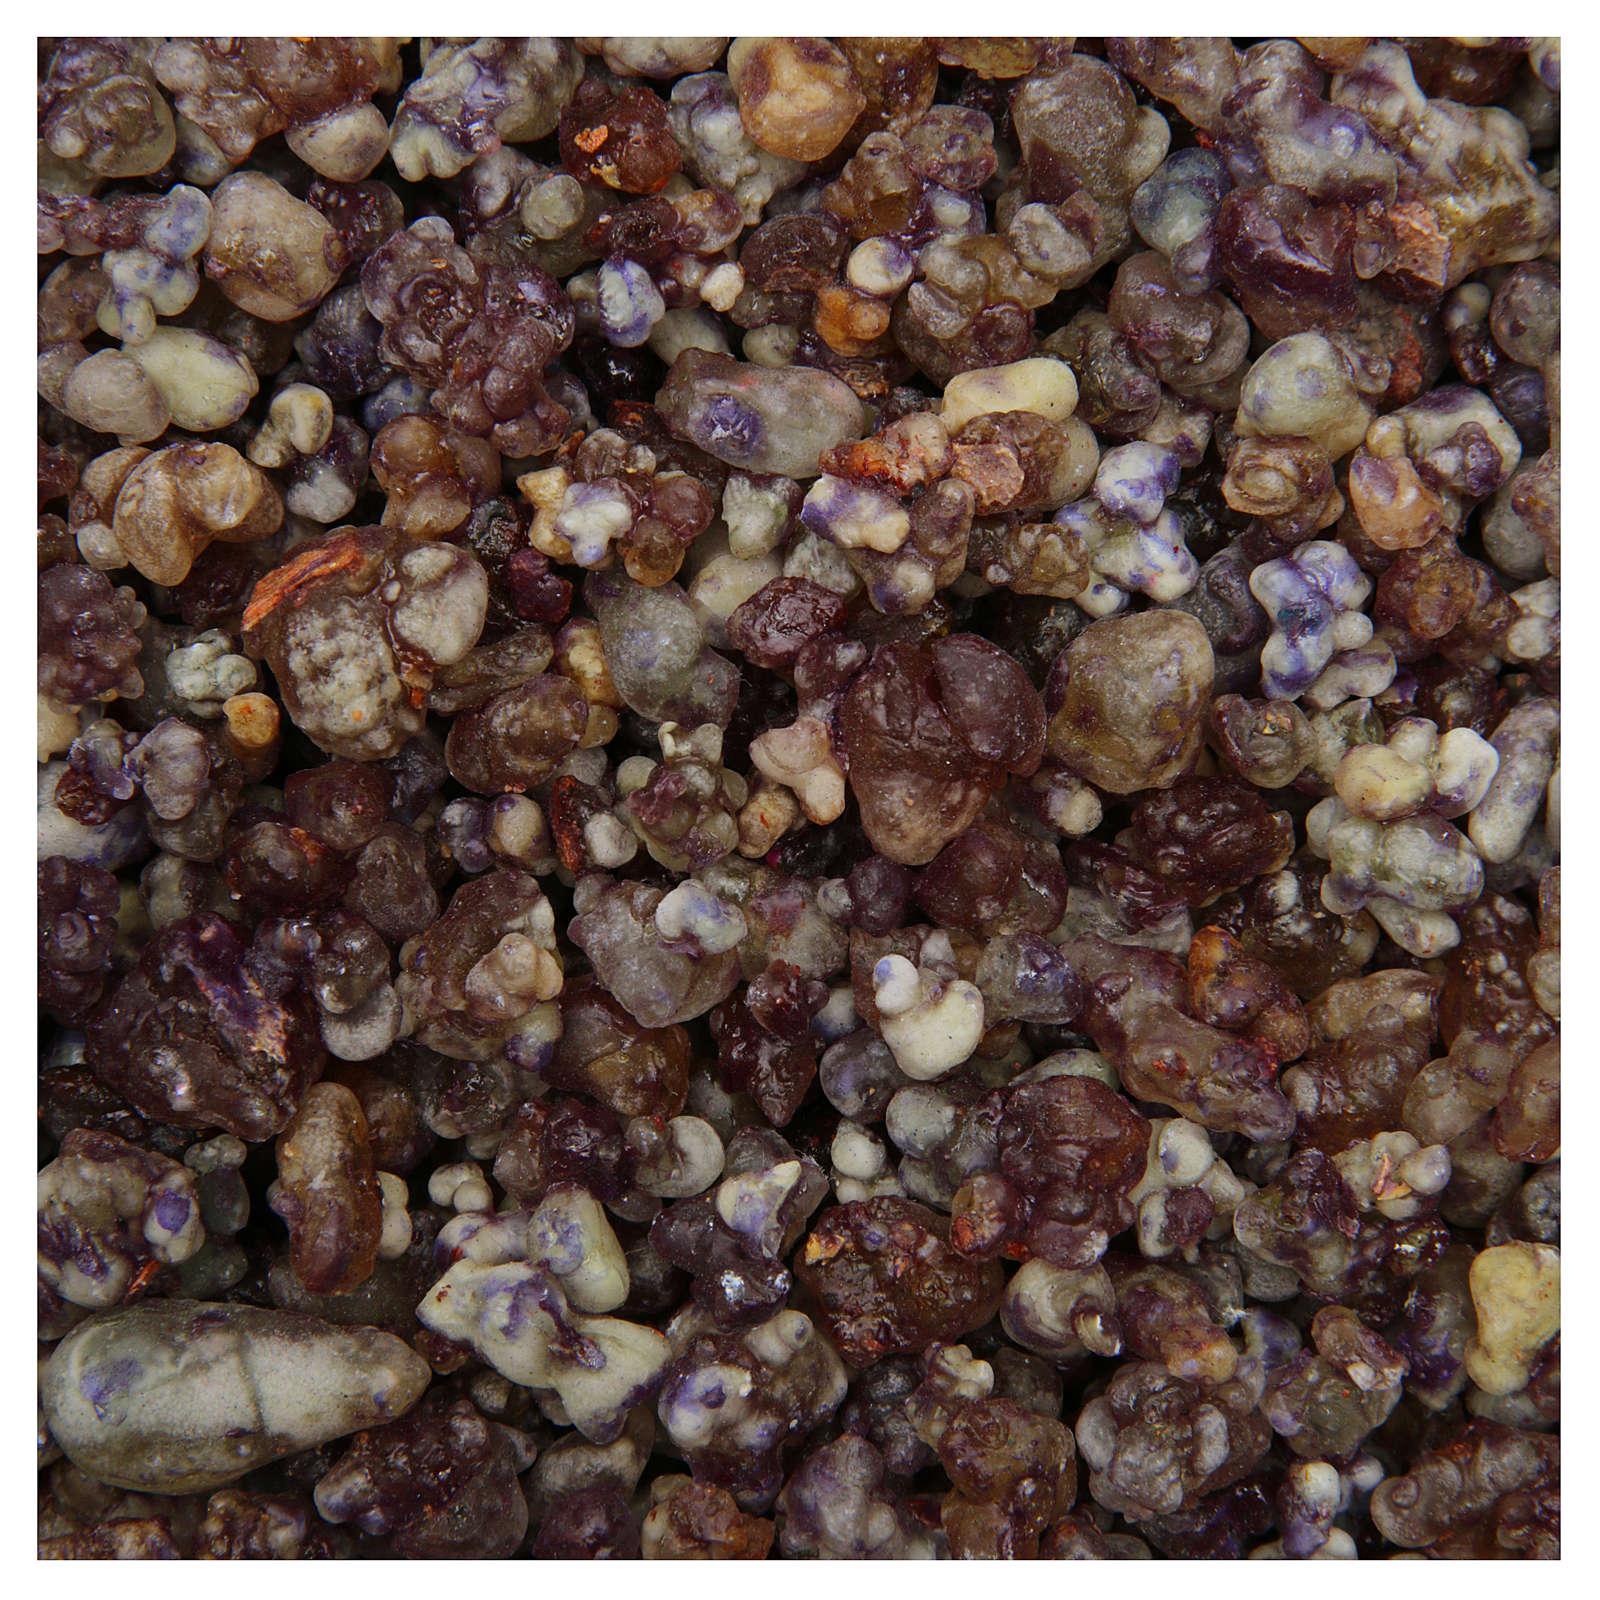 Lavander-scented Greek incense 1 kg 3